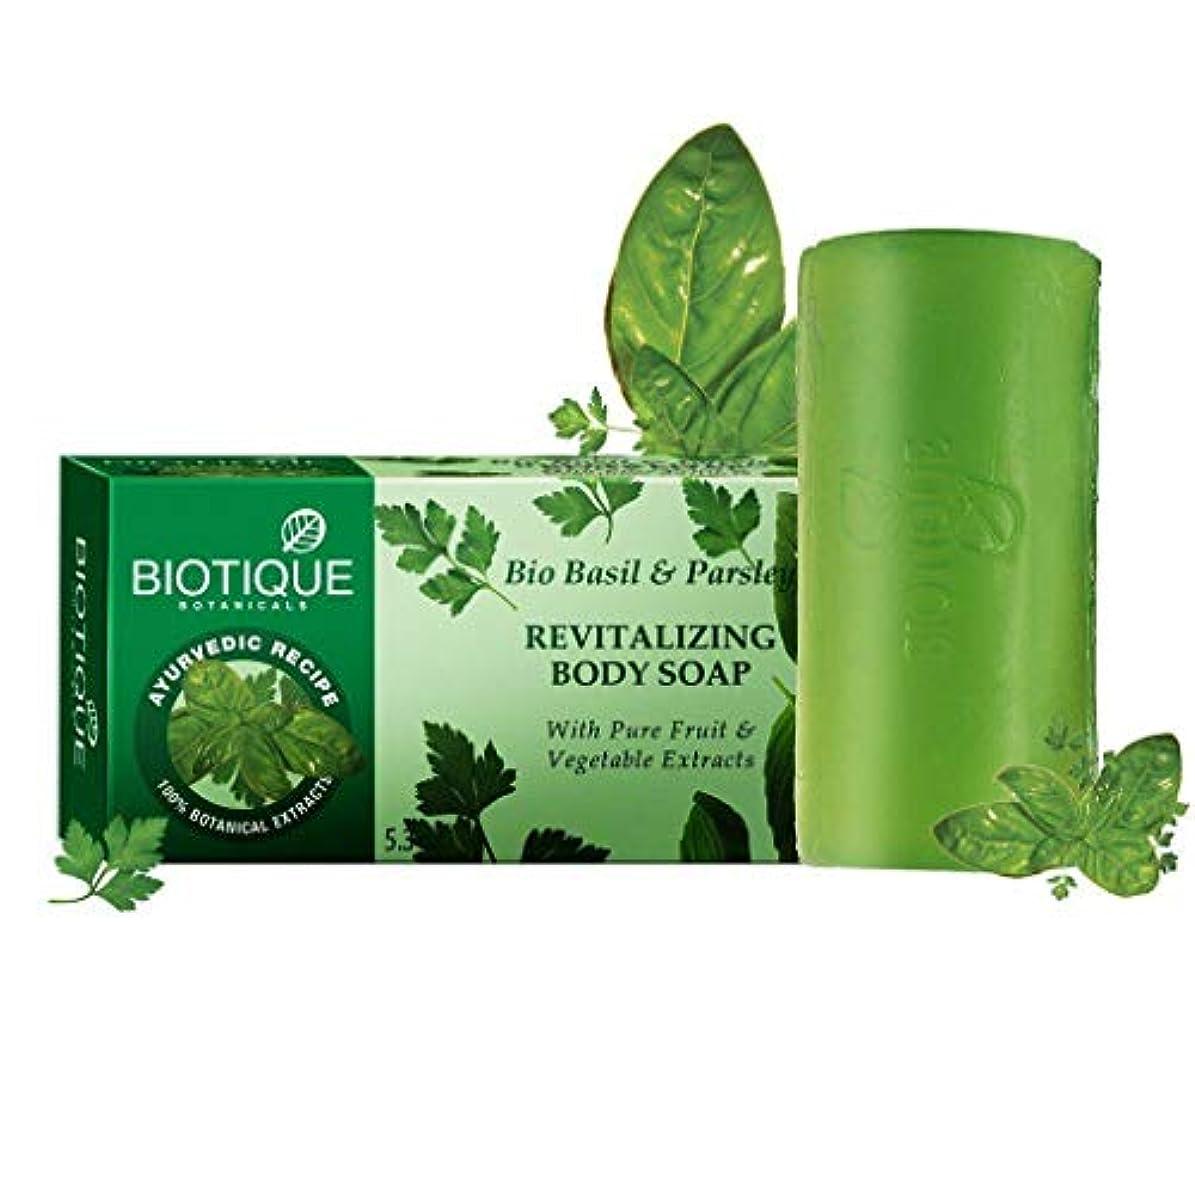 方法論知らせる債務者Biotique Bio Basil And Parsley Revitalizing Body Soap 150g (Pack of 2) Biotiqueバイオバジルとパセリの活性化ボディソープ